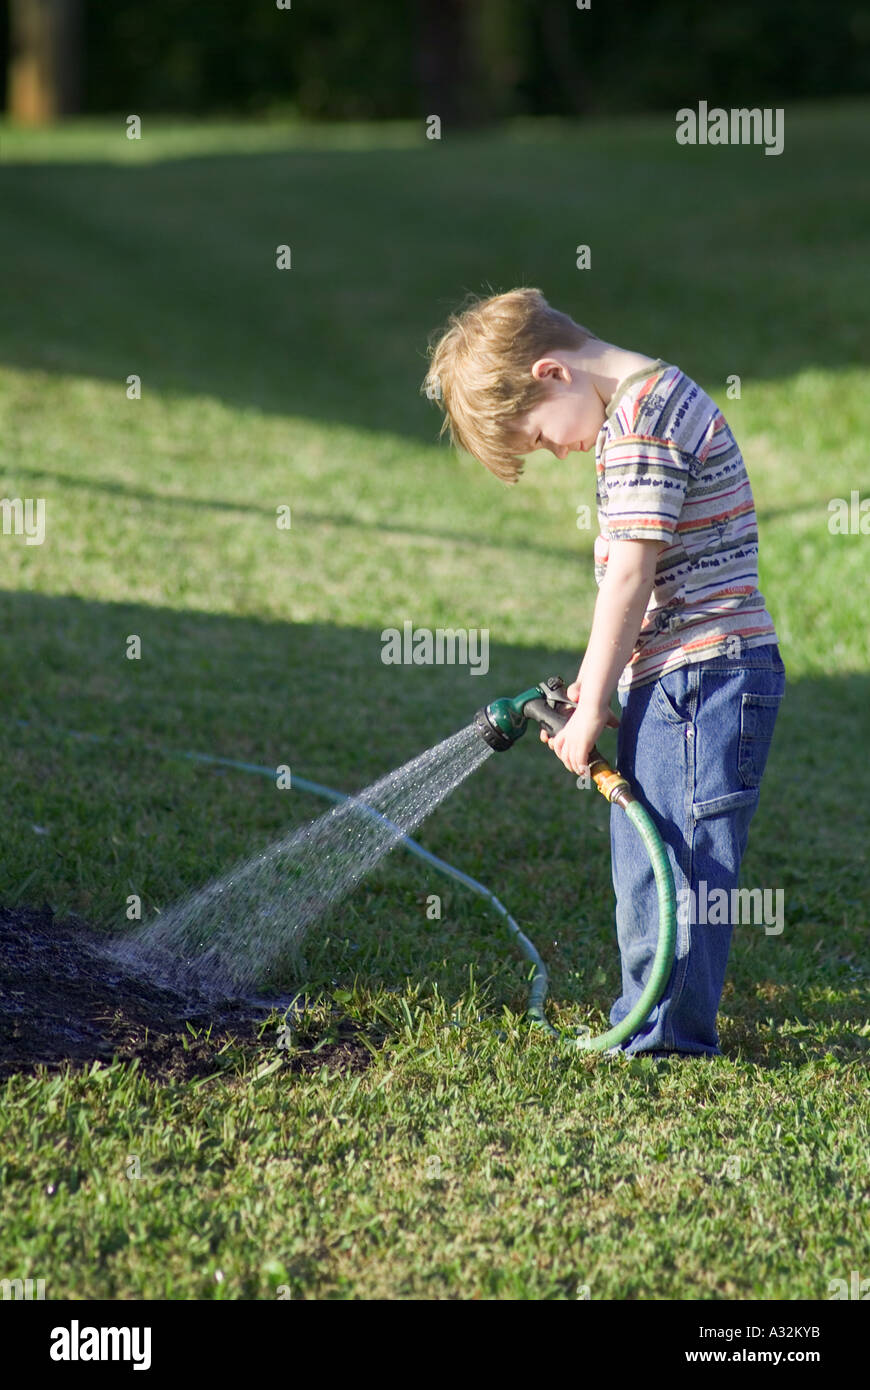 Arrosage enfant arbre herbe ennui dépression paresseux MR Photo Stock